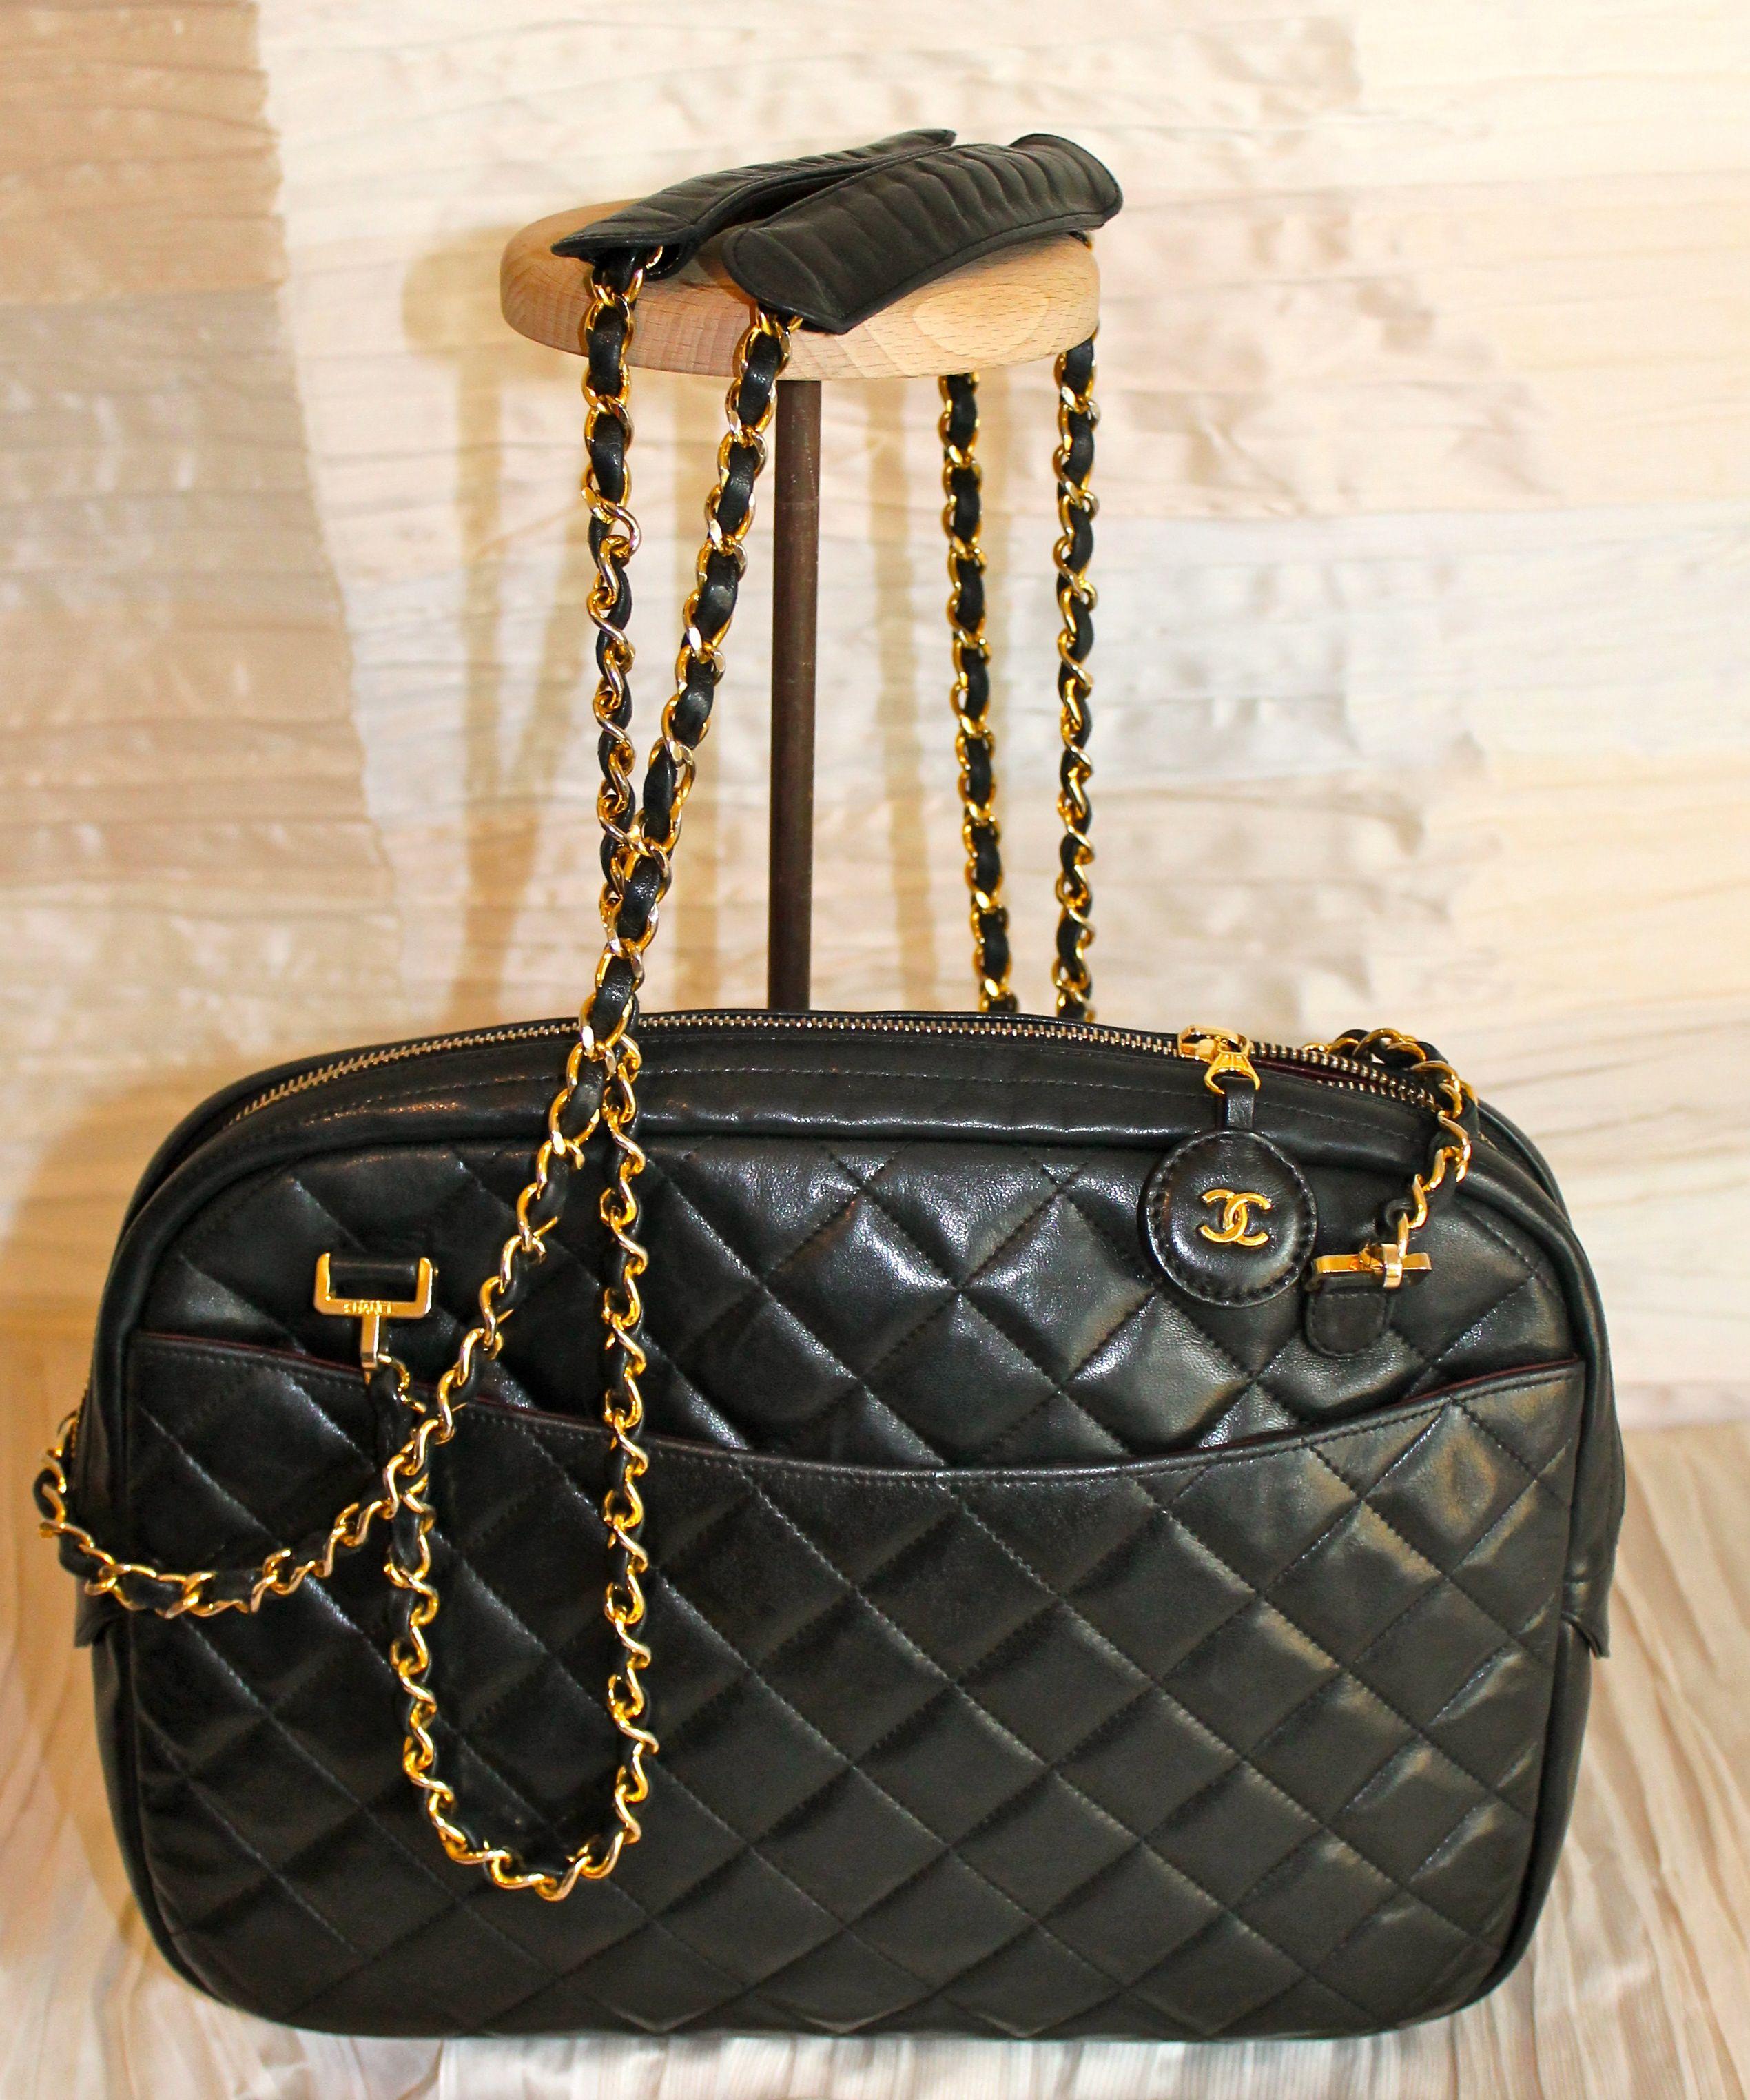 Borse Con Catena Chanel.Borsa Grande Chanel In Agnello Nero Matelasse Doppia Tracolla A